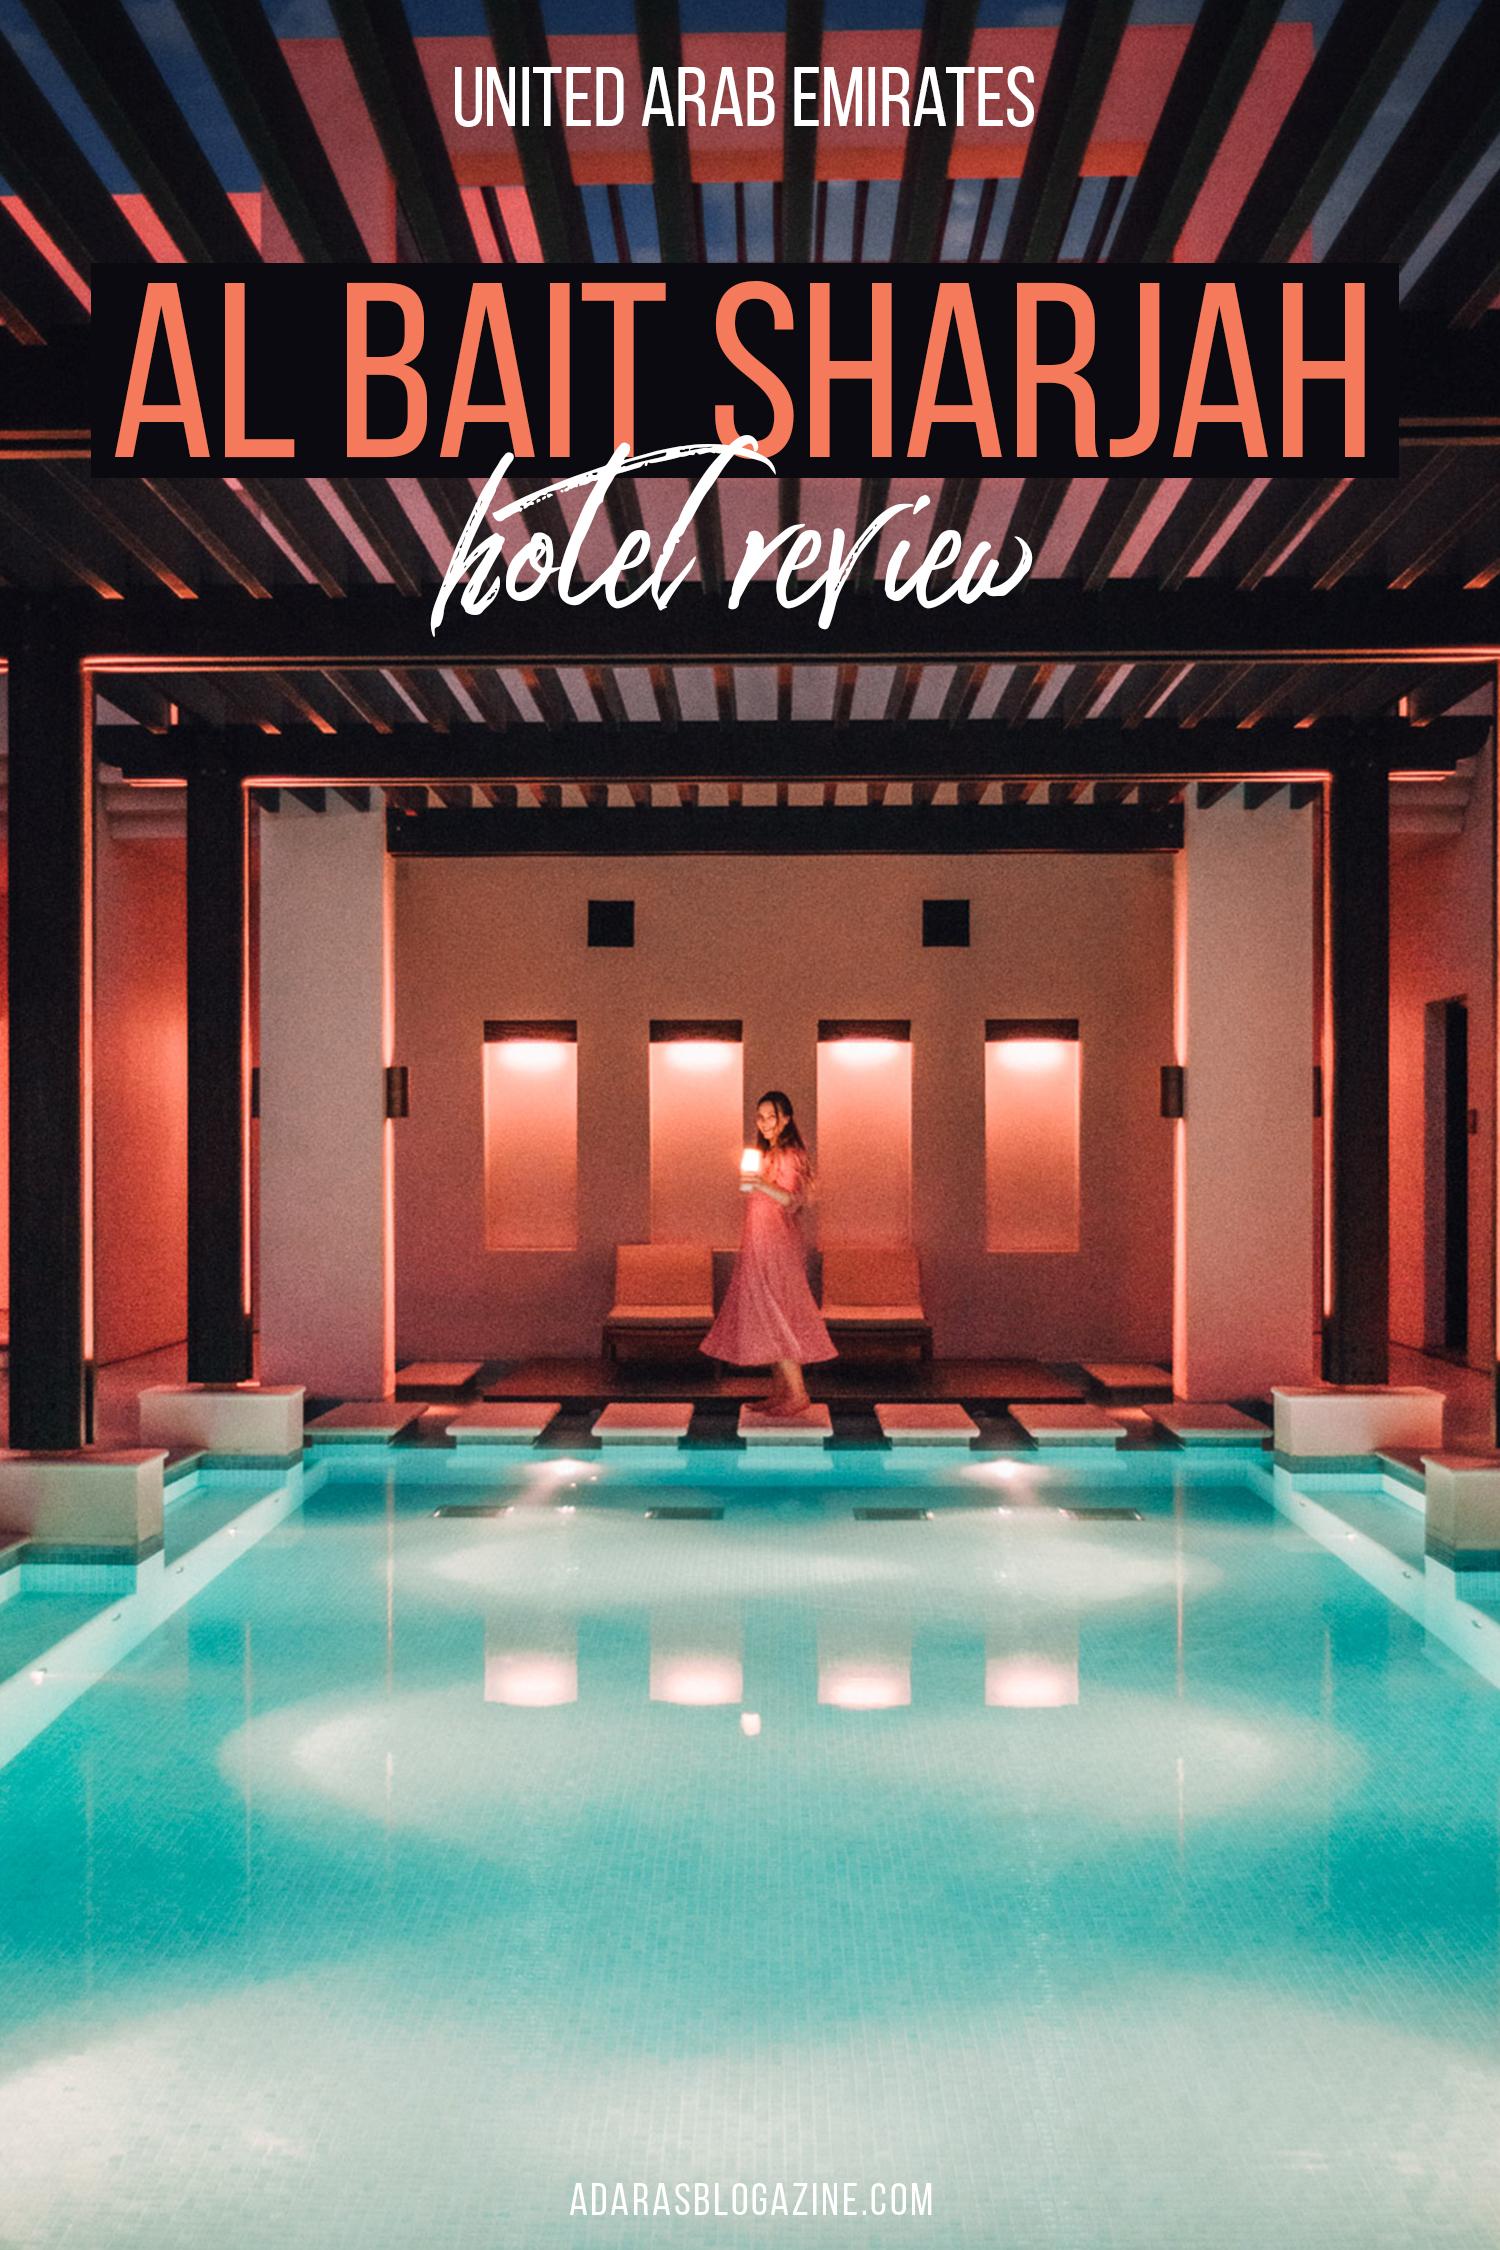 Al Bait Sharjah Luxury Hotel Review |UAE